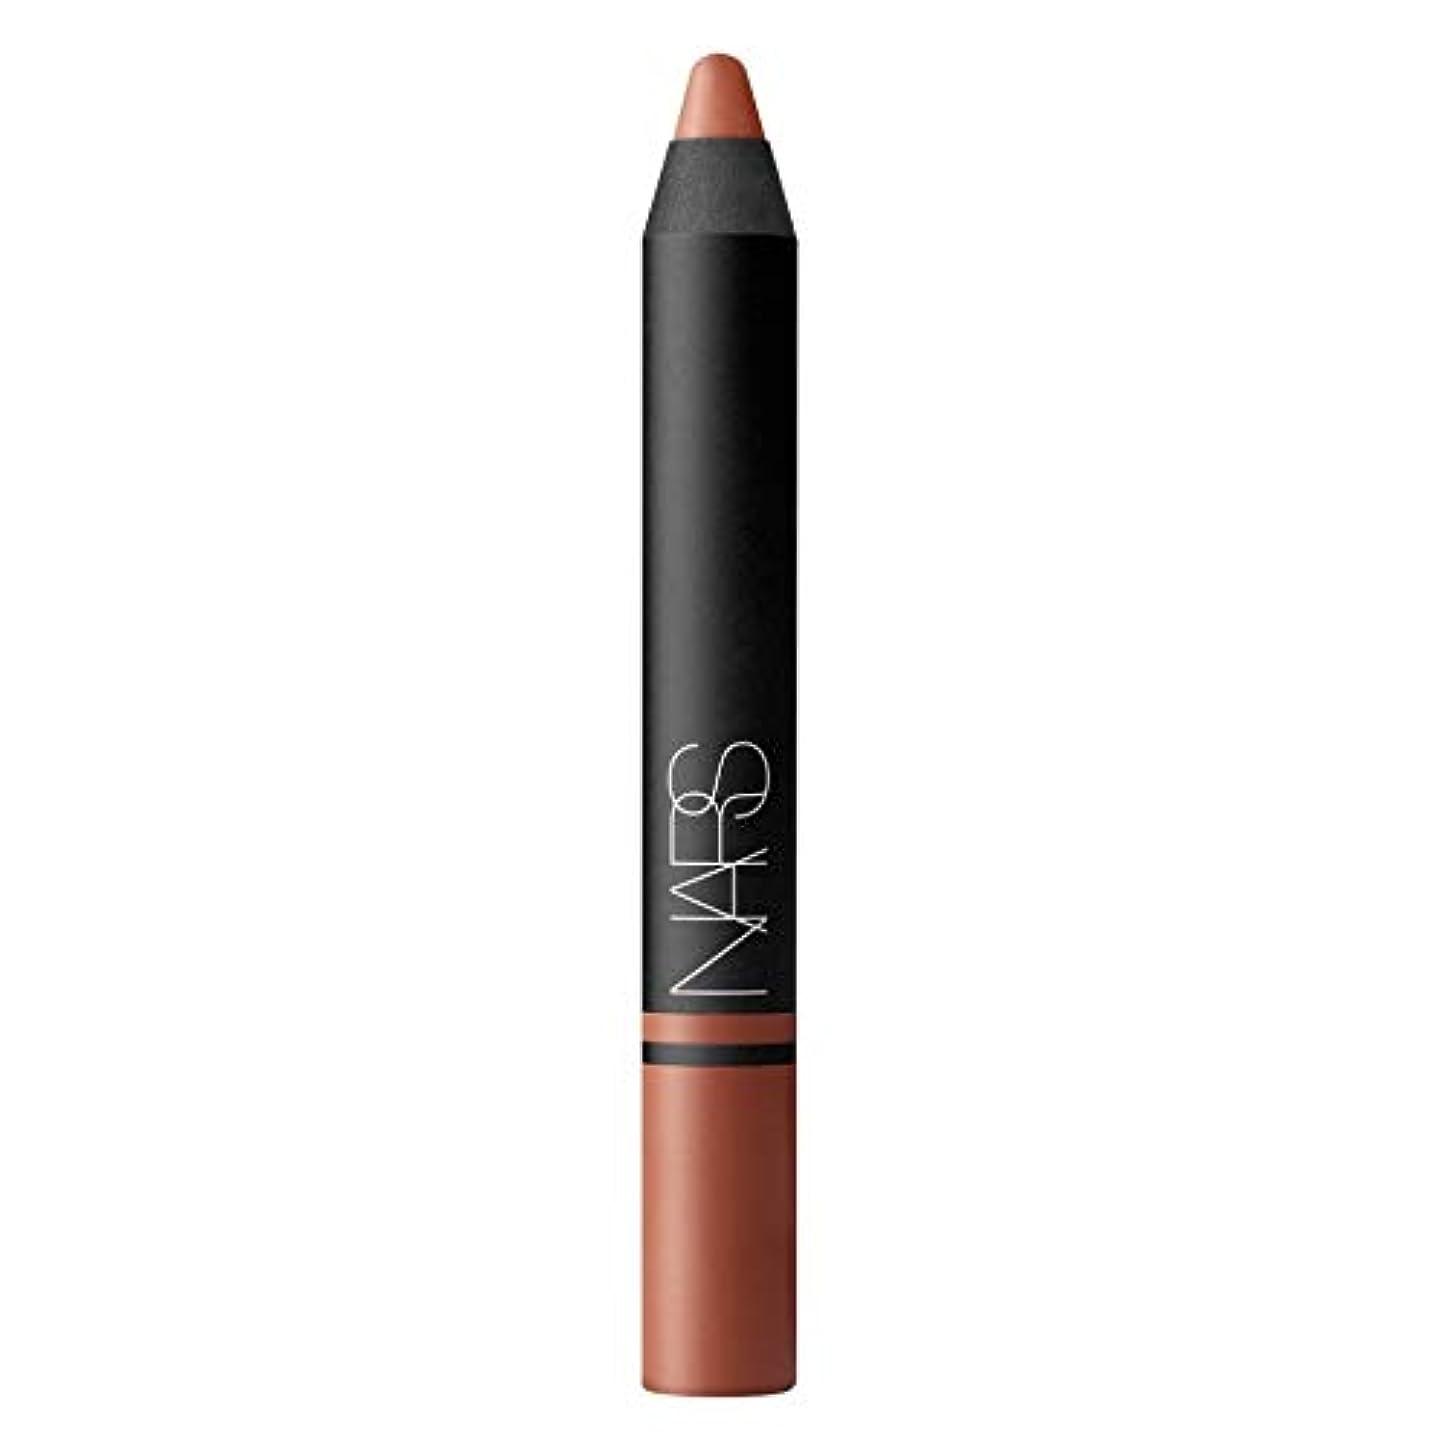 思想共同選択被る[NARS] HetのトイレでのリップペンシルサテンのNar - Nars Satin Lip Pencil in Het Loo [並行輸入品]